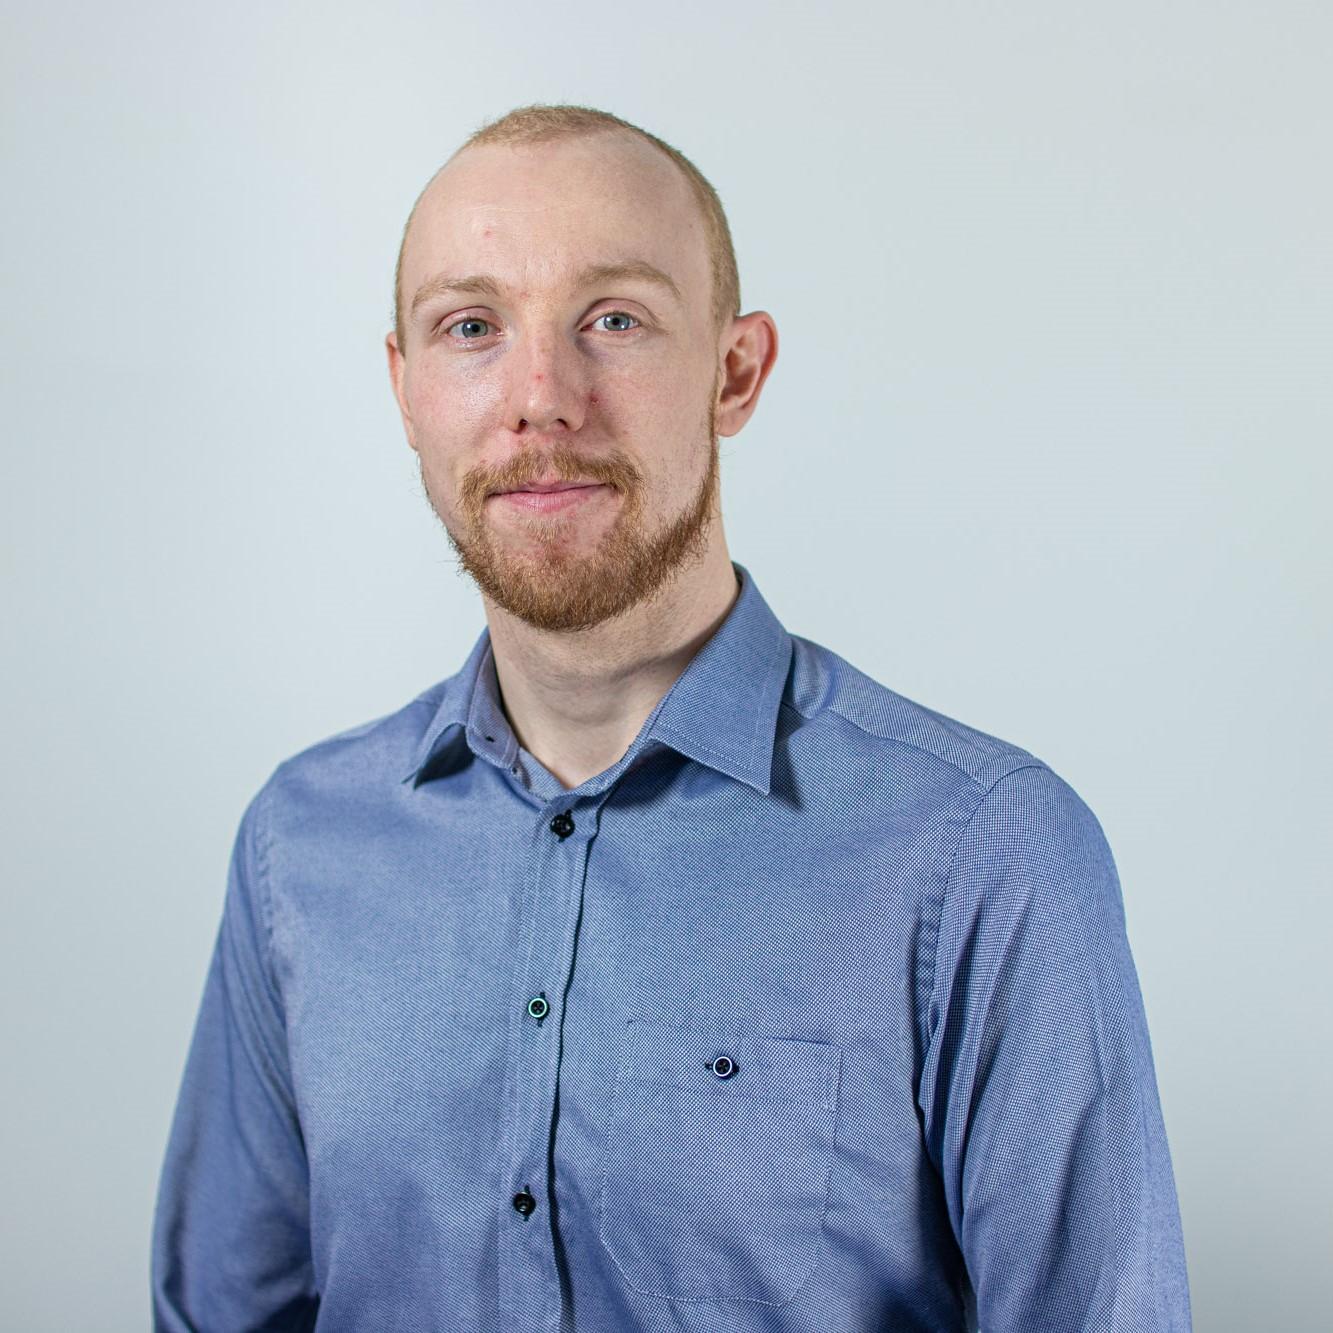 Marcus Meldgaard Jensen